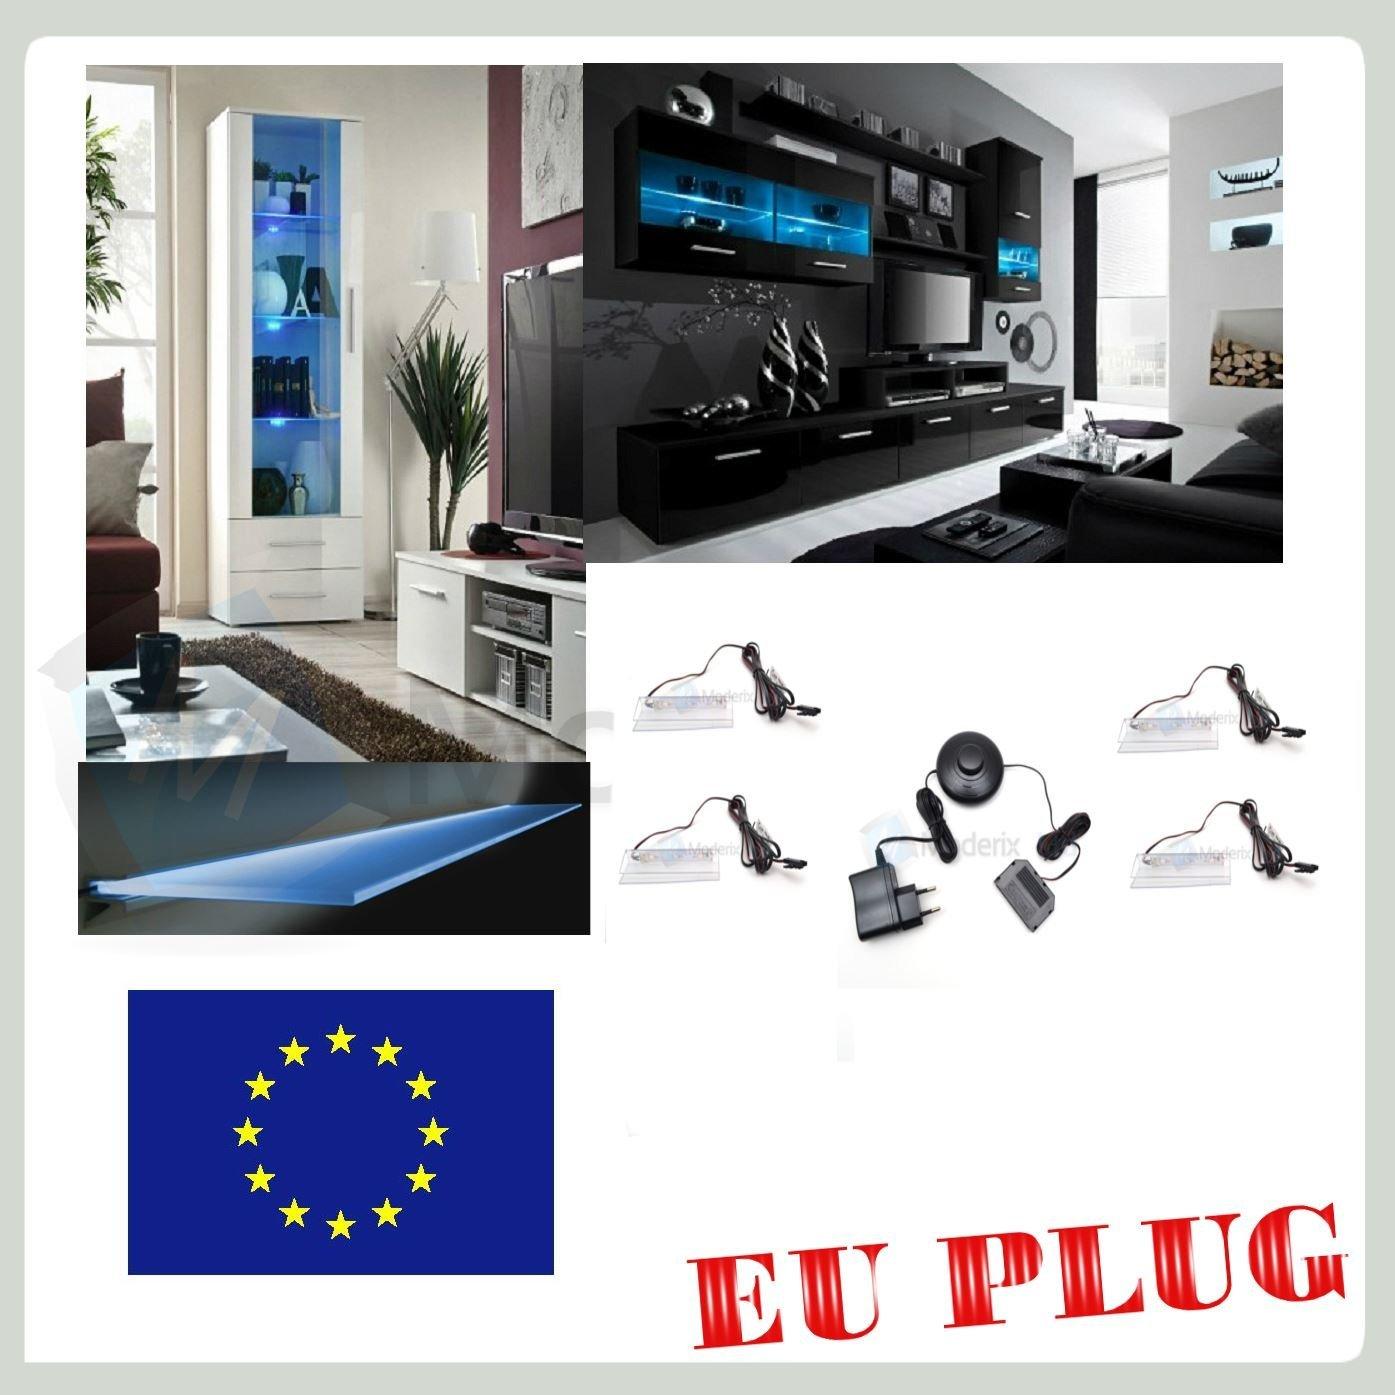 4 x LED éclairage, Verre Vitrine Bleu Smd LEDs éclairage Pour Chant en GTV